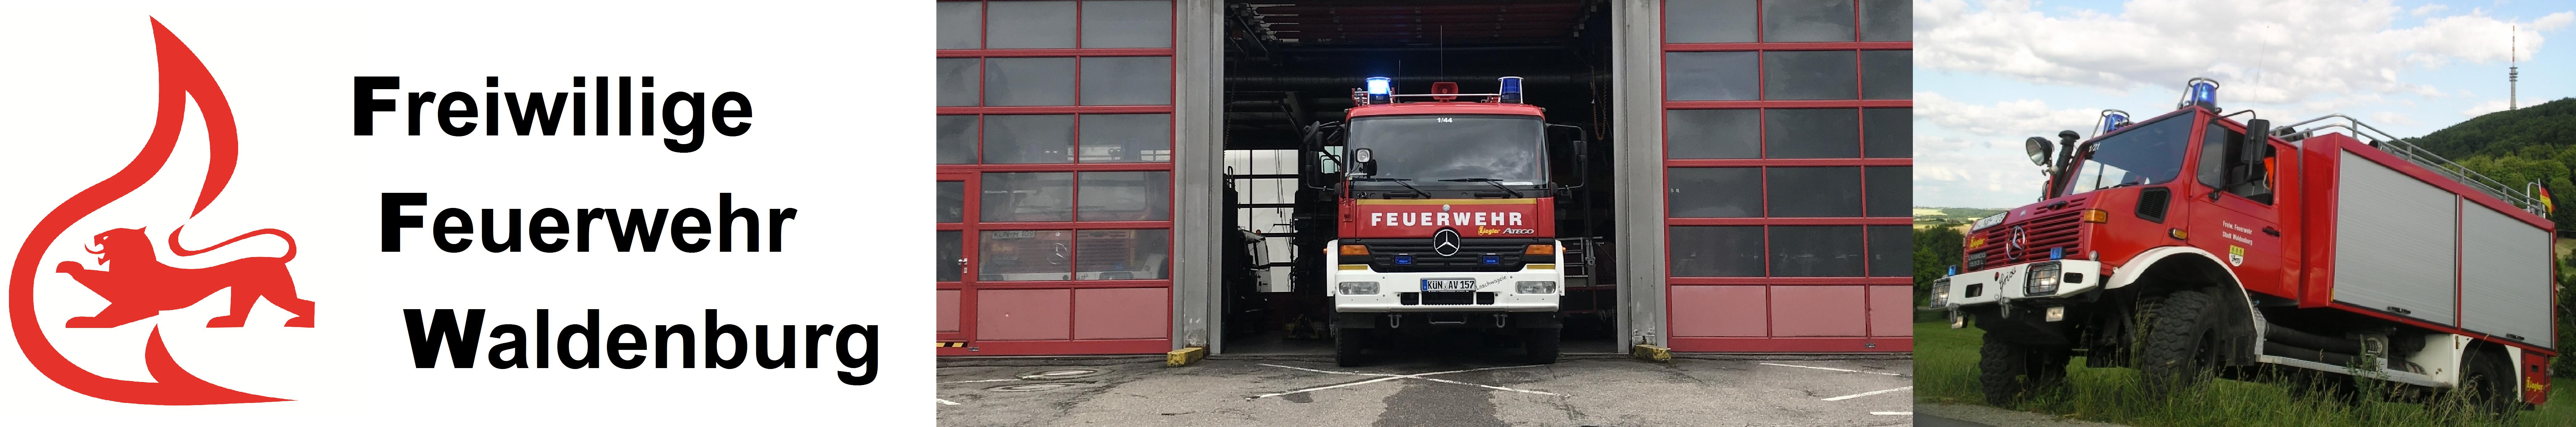 Feuerwehr Waldenburg